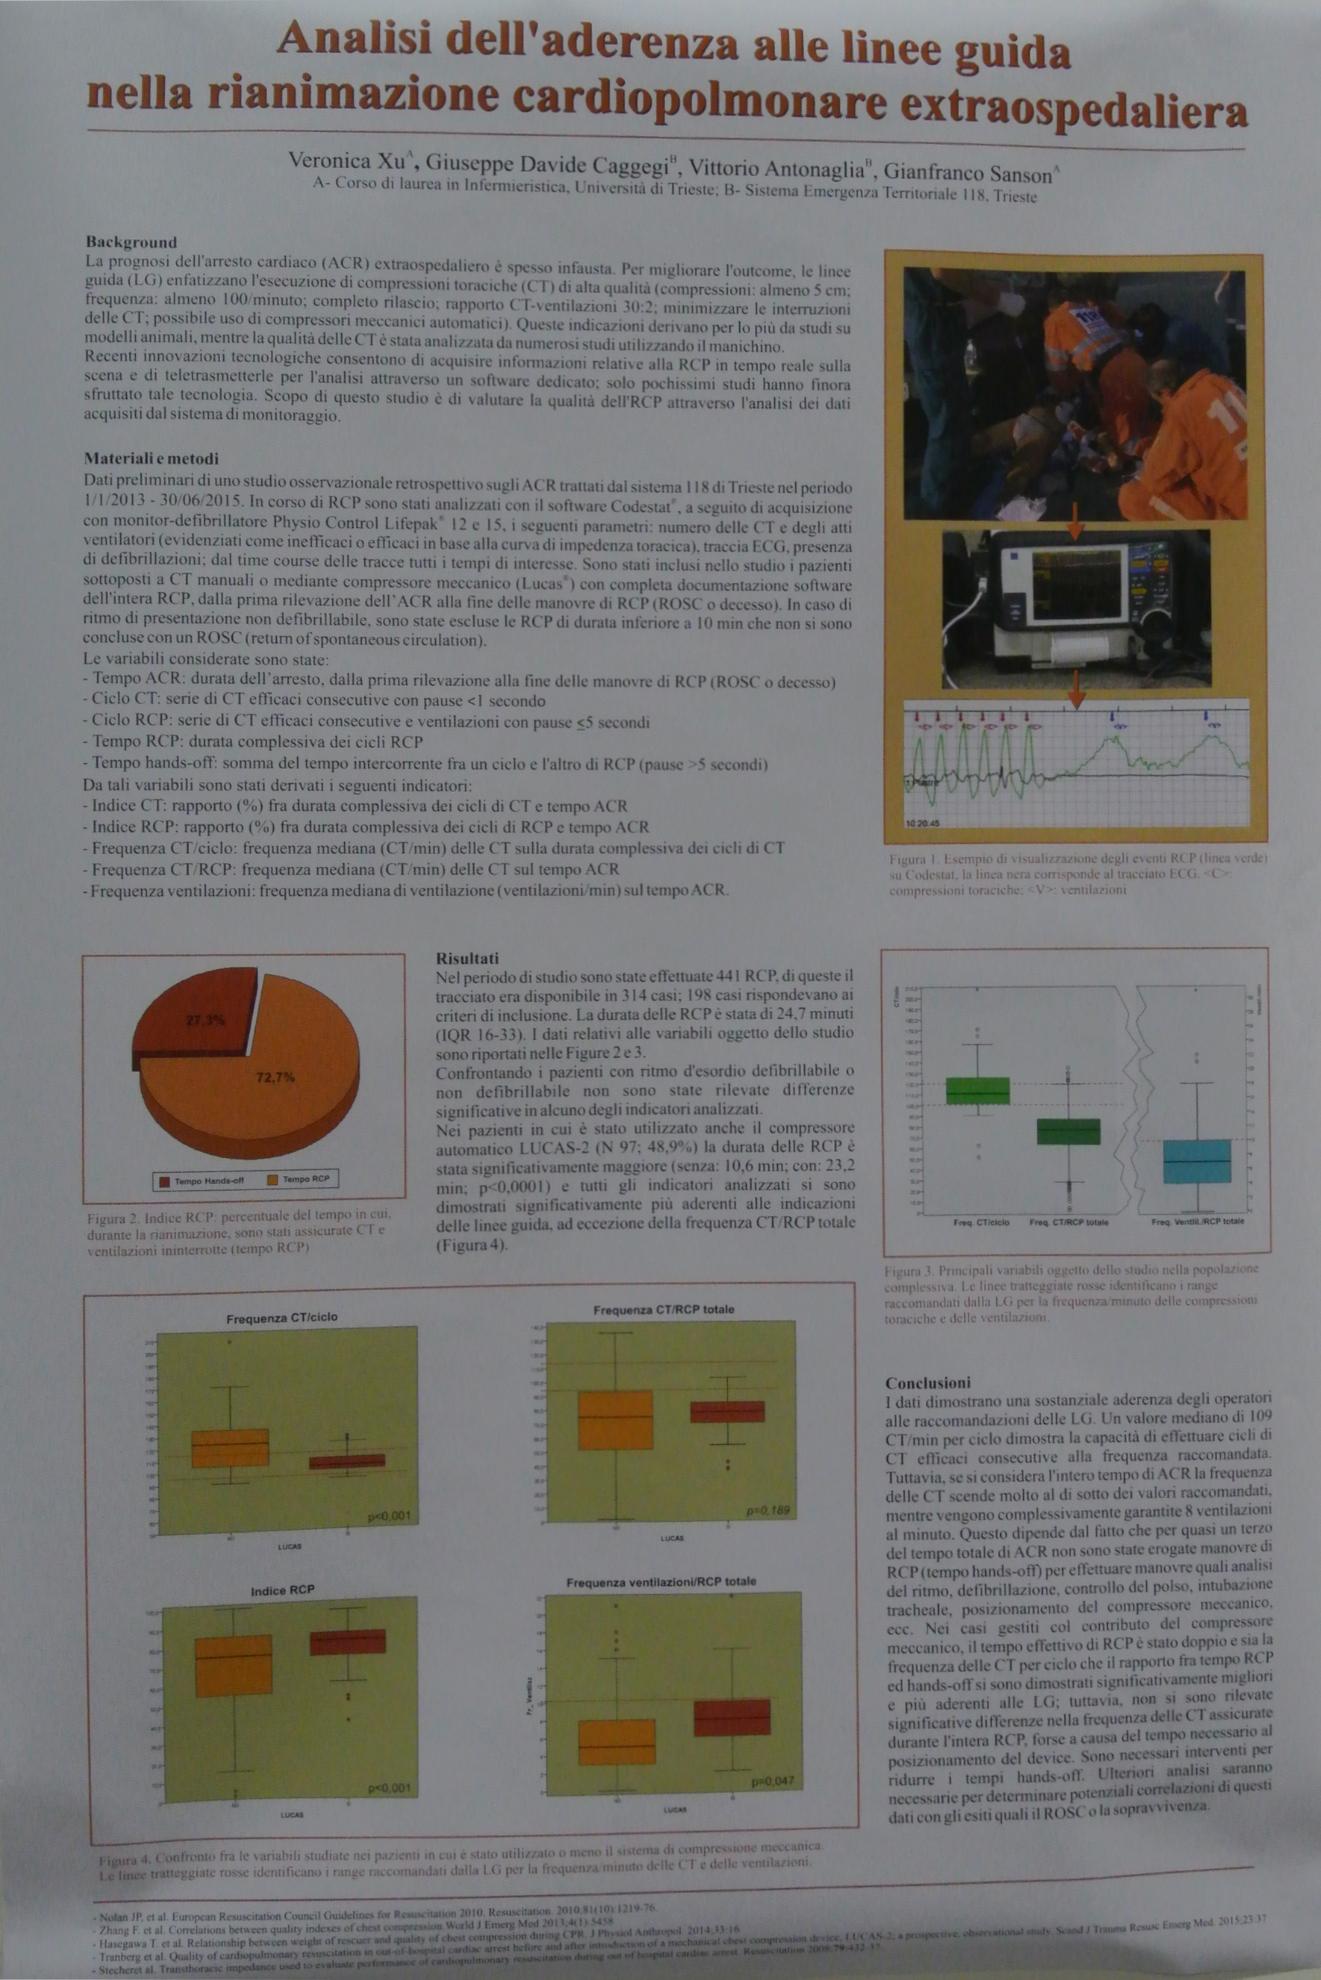 23-analisi-aderenza-lineeguida-rianimazione-XU-Caggegi-ANTONAGLIA